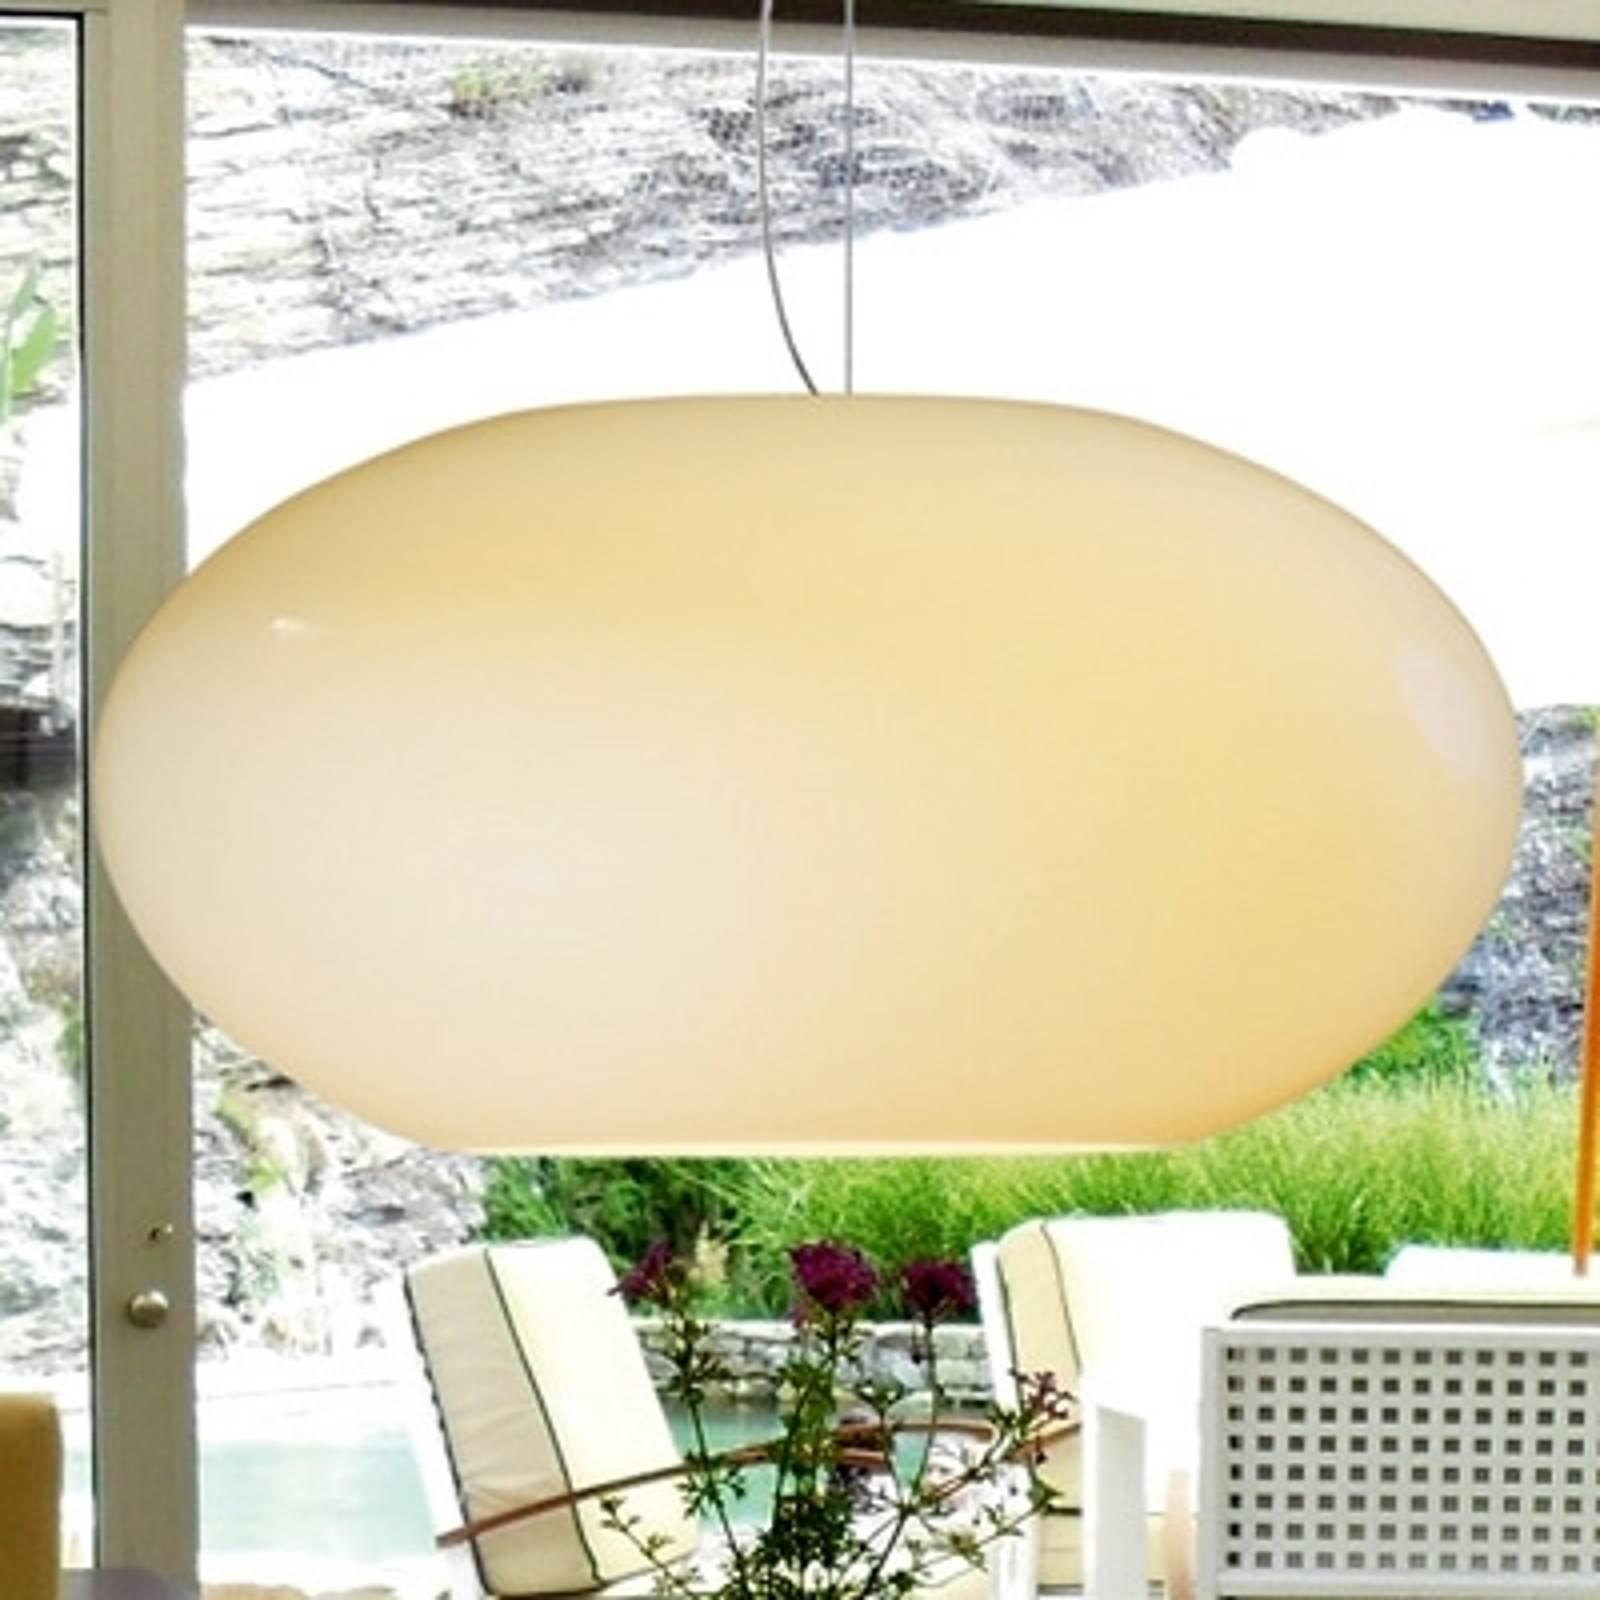 AIH-riippuvalaisin lasia 38 cm, kiiltävä kerma